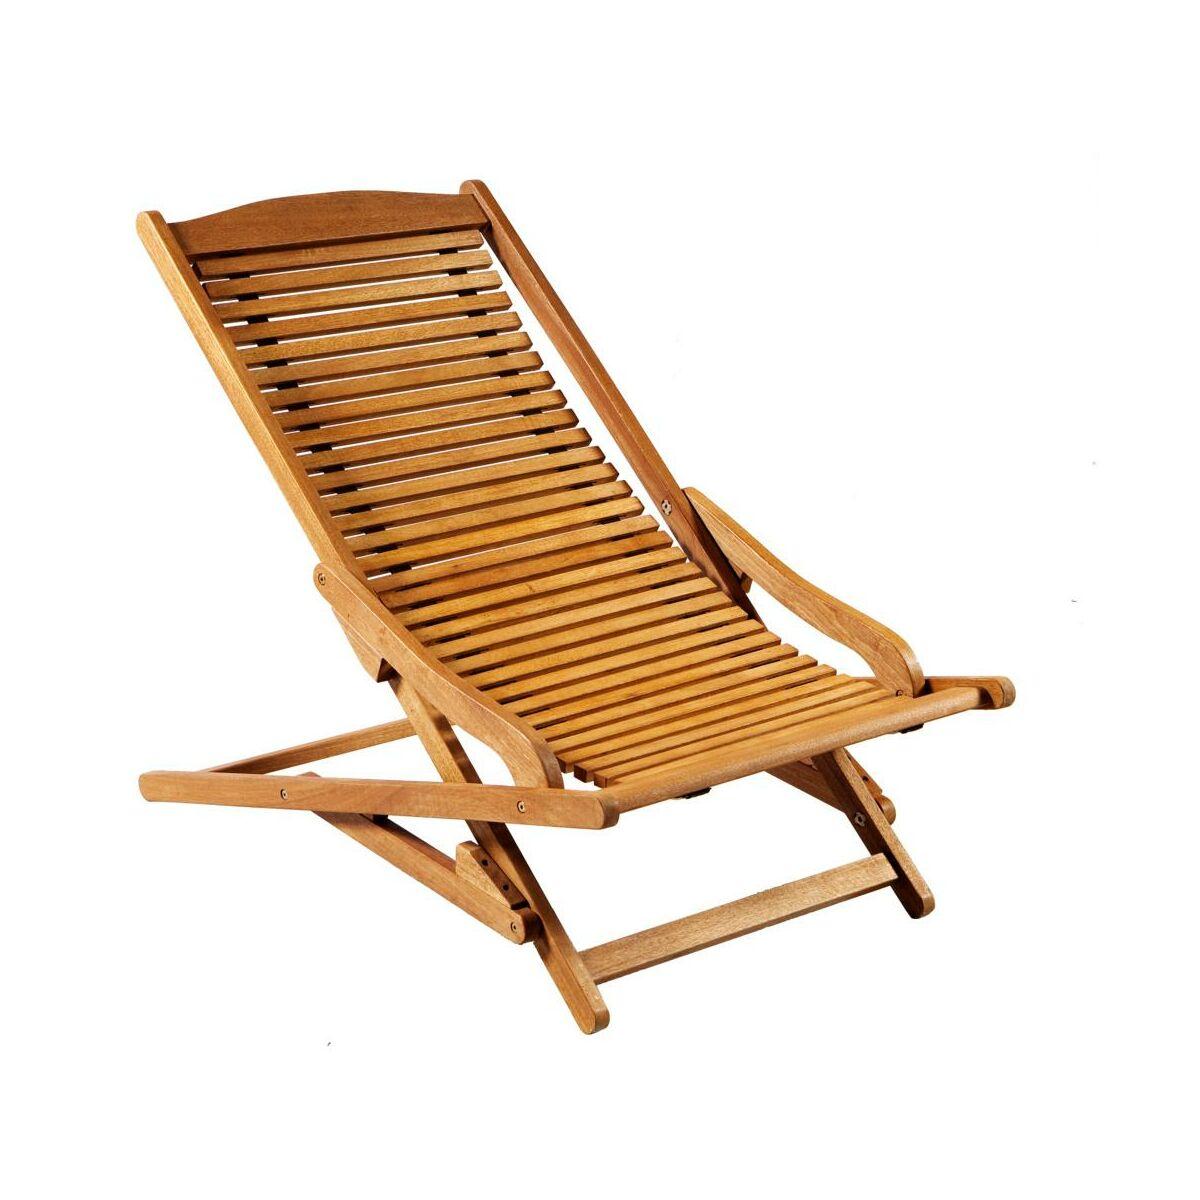 Leżak Do Ogrodu Z Drewnianych Palet Dodał A Oliwia17 Zobacz Inne Z